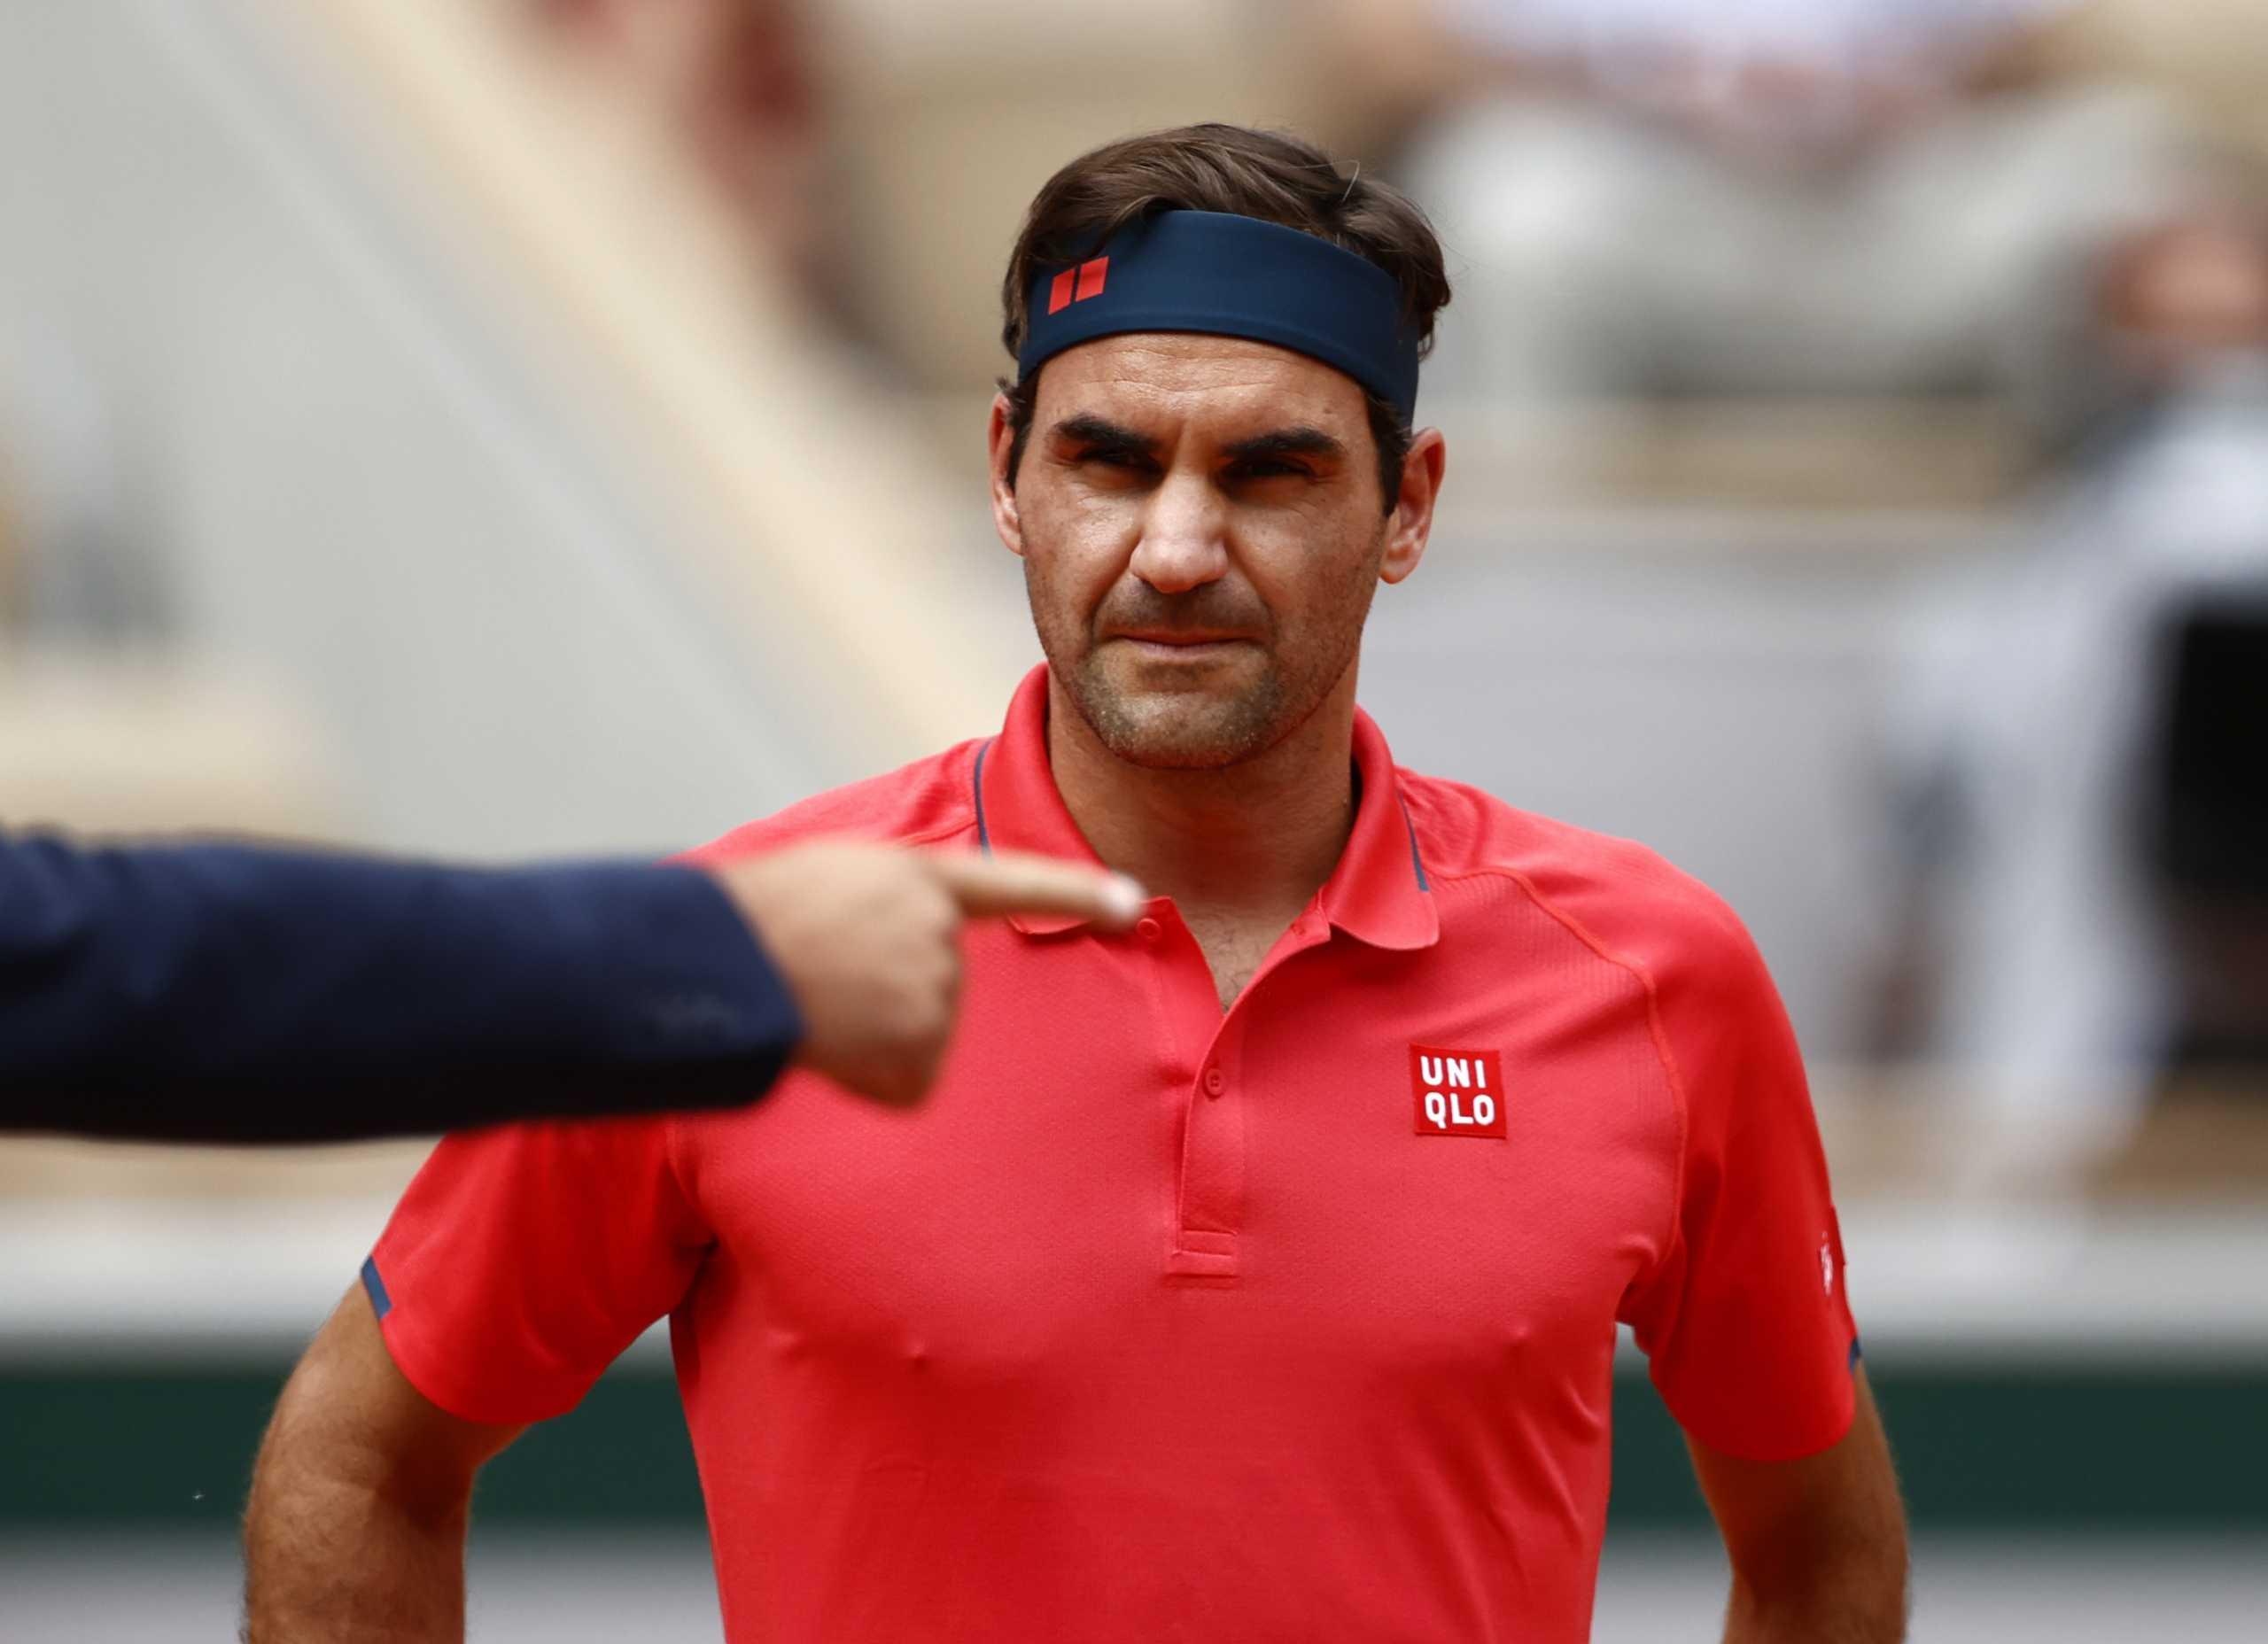 Roland Garros: Τέλος ο Φέντερερ, ανακοίνωσε την απόσυρσή του